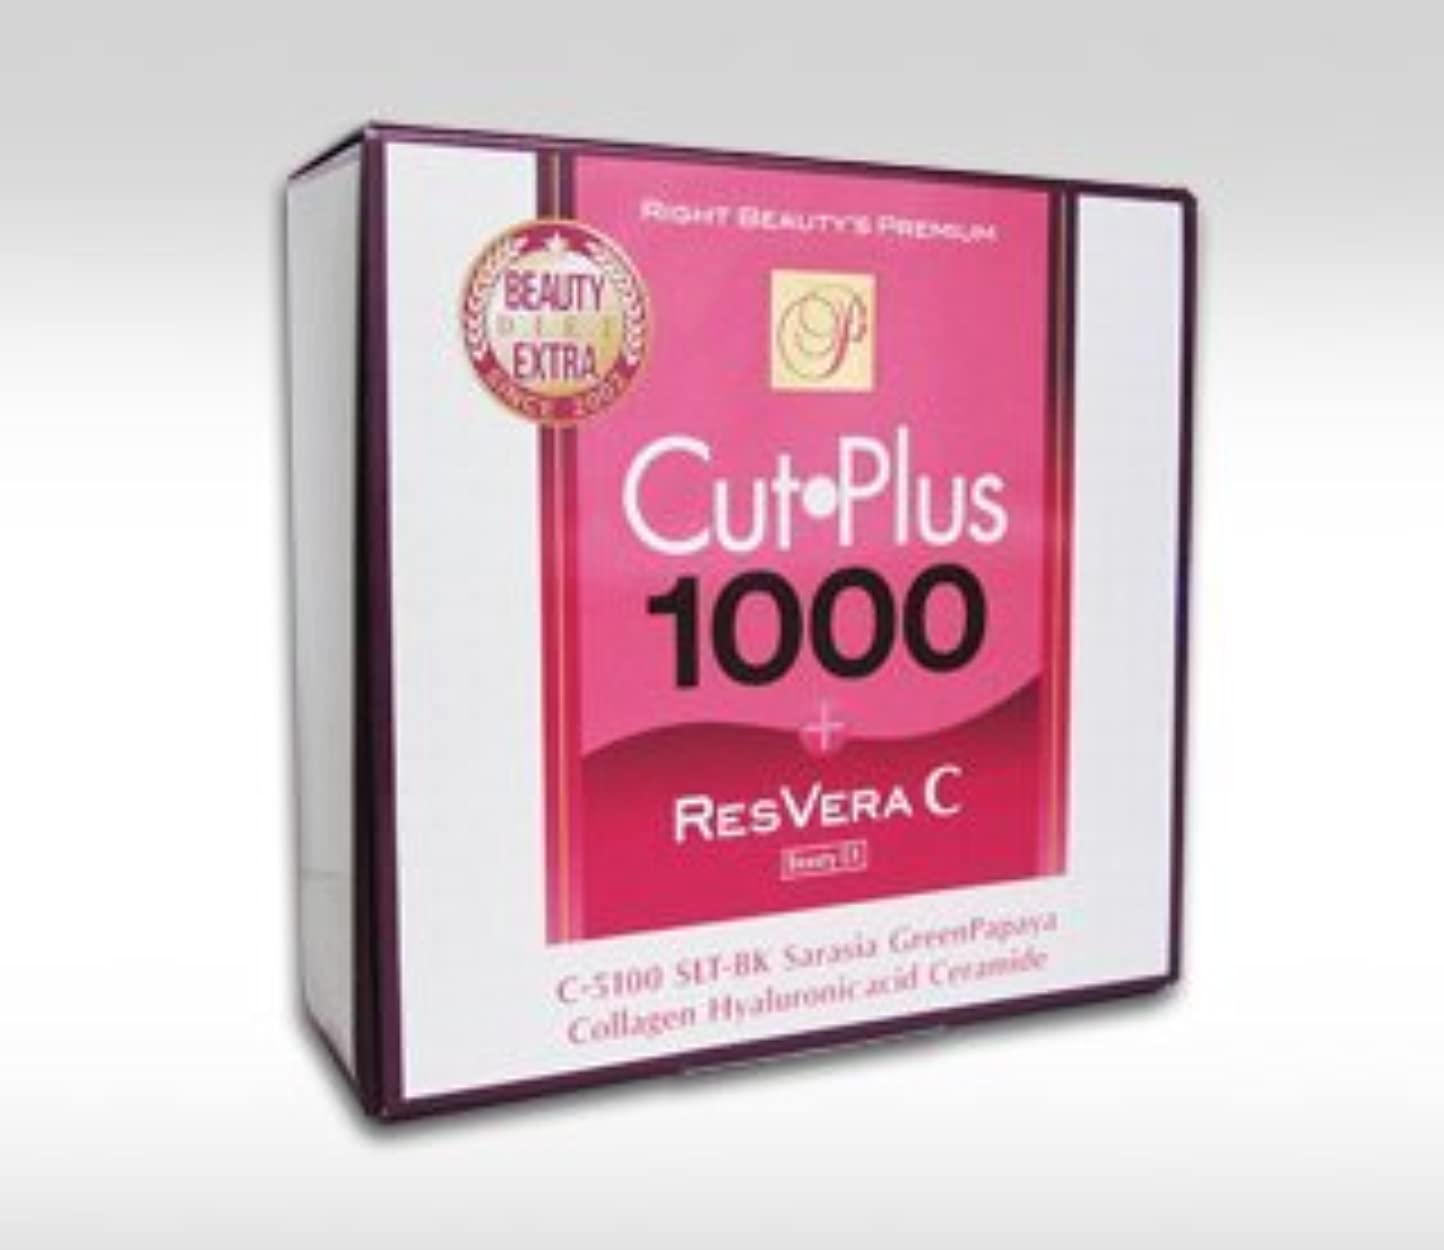 合理的全体に恵みカットプラス1000 RESVERA C レスベラC 3個セット ※チョーナイさわやか善玉美人登場!大人気のカットプラスシリーズに抗酸化成分「レスベラトロール」投入!からだの中からの本当の美ダイエット!